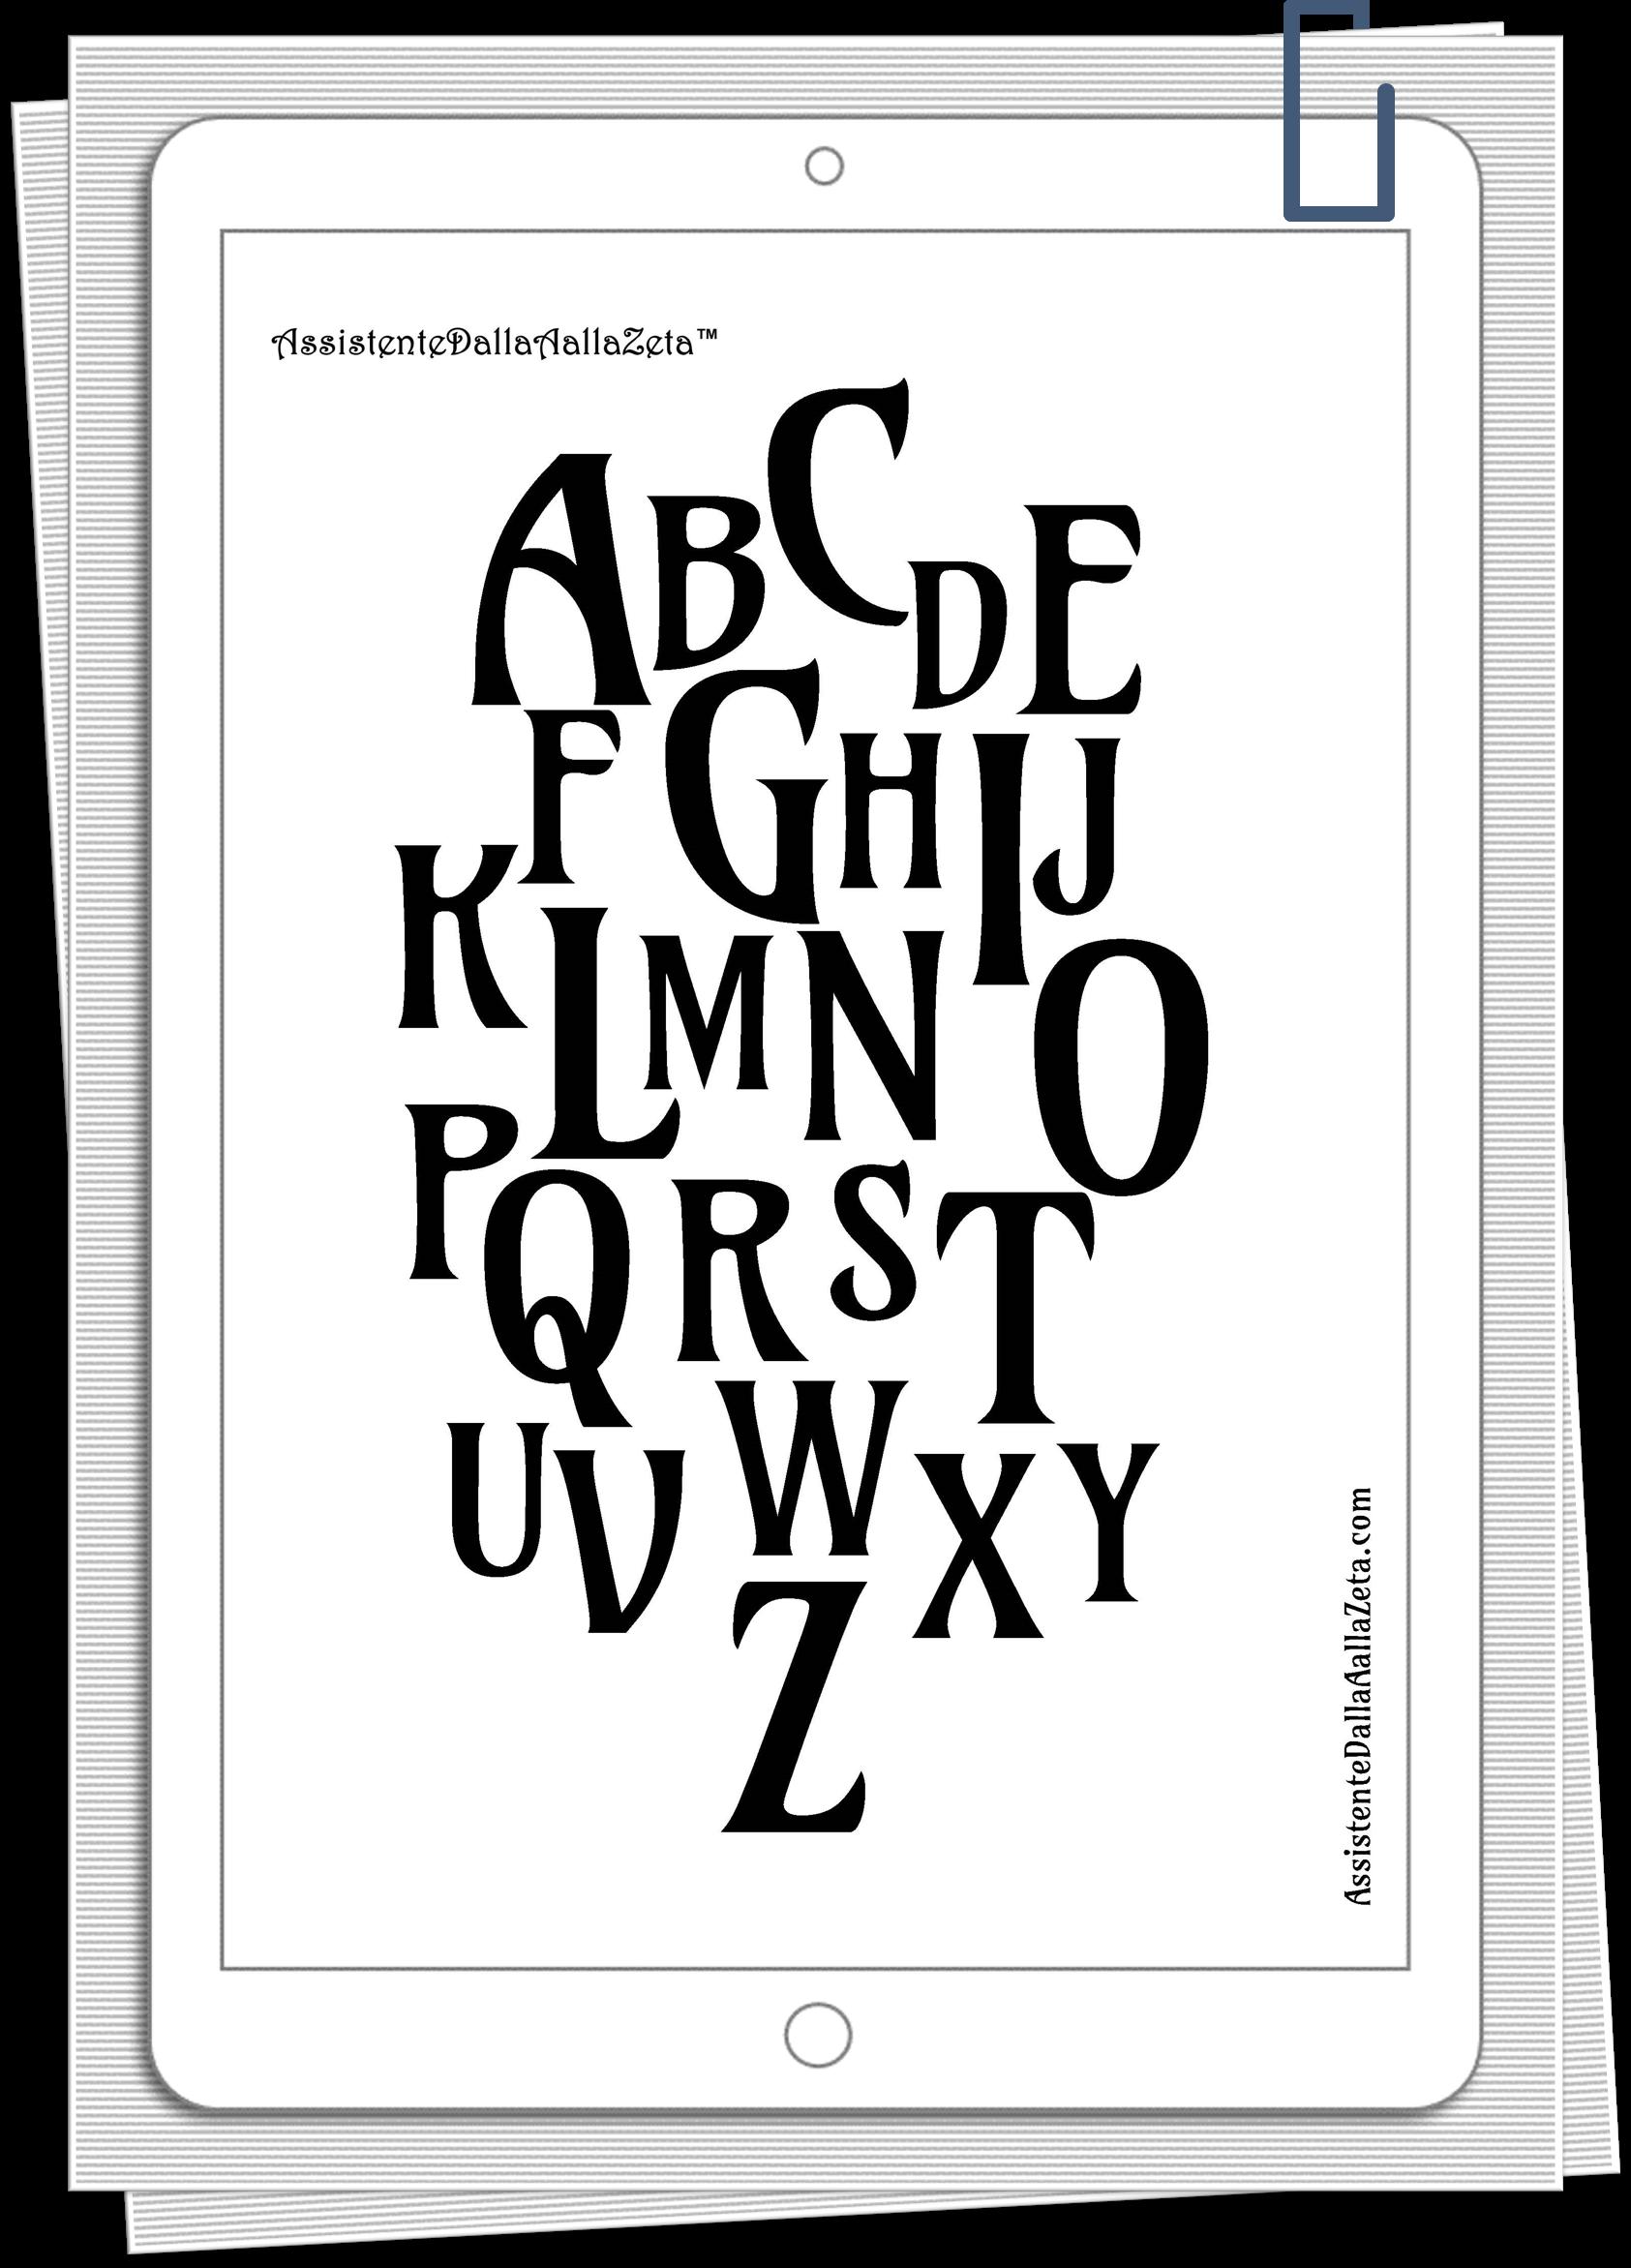 Irene Linguari AssistenteDallaAallaZeta Stampe Grafiche Decor Poster Alfabeto scaricabile gratuitamente Assistente Dalla A alla Zeta